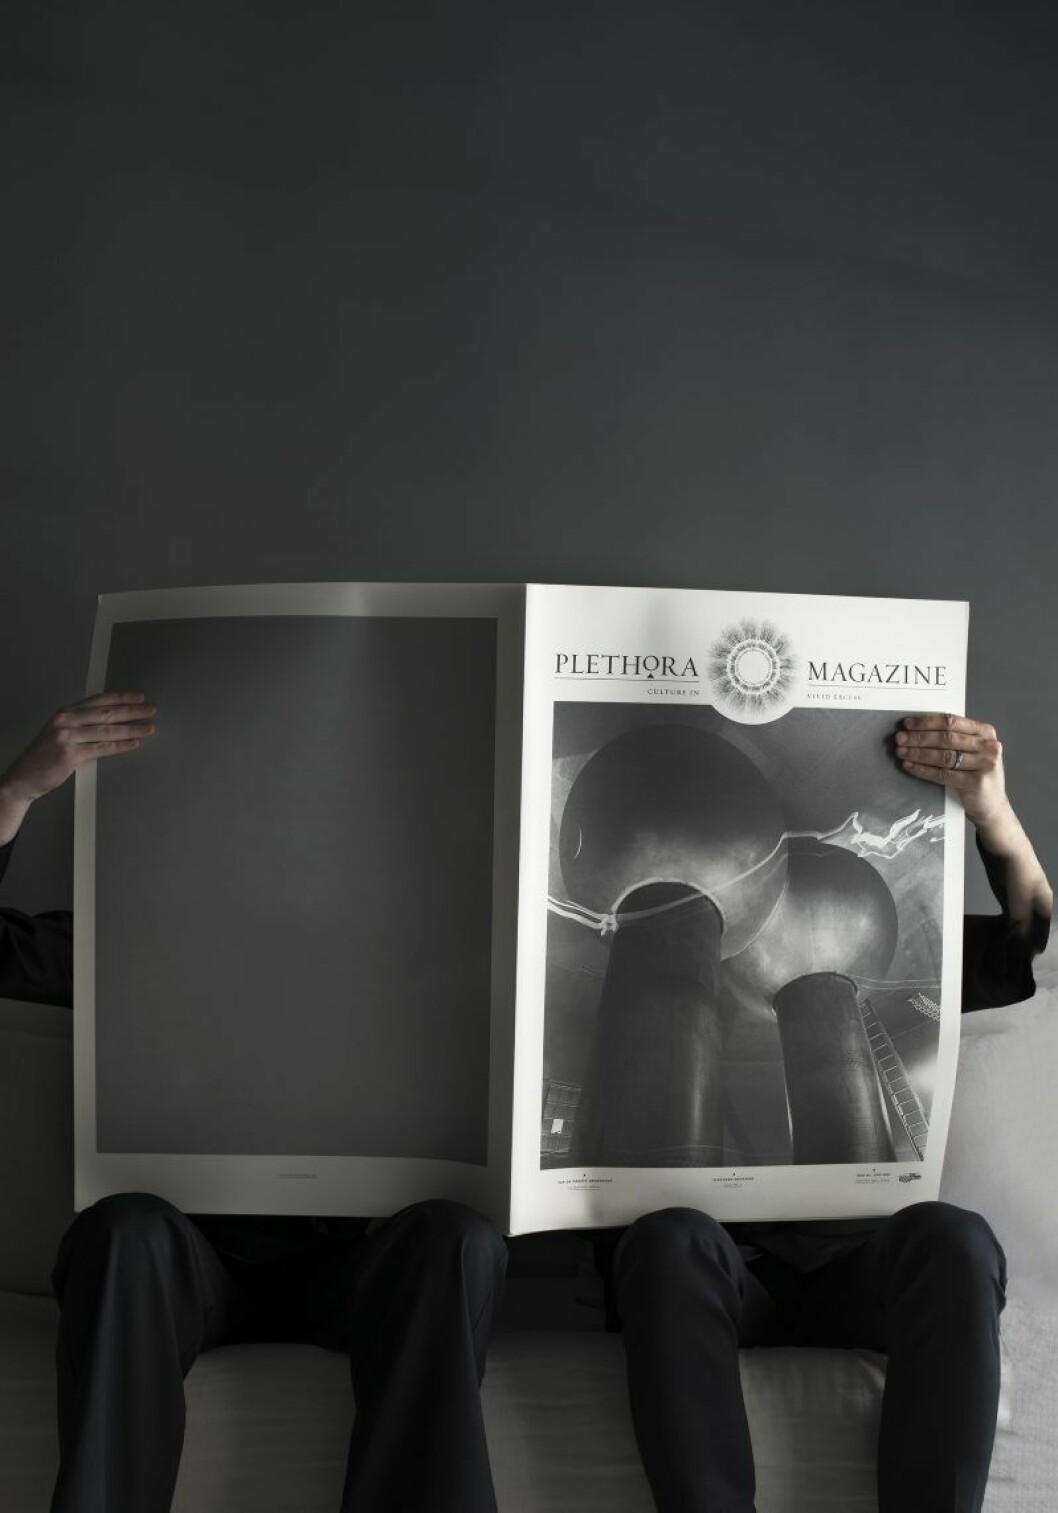 Ejub och Robin gömmer sig bakom det danska lyx- magasinet Plethora, som handtrycks en gång om året av munkar. Ska säljas i Robins och Ejubs nya butik Perspective.